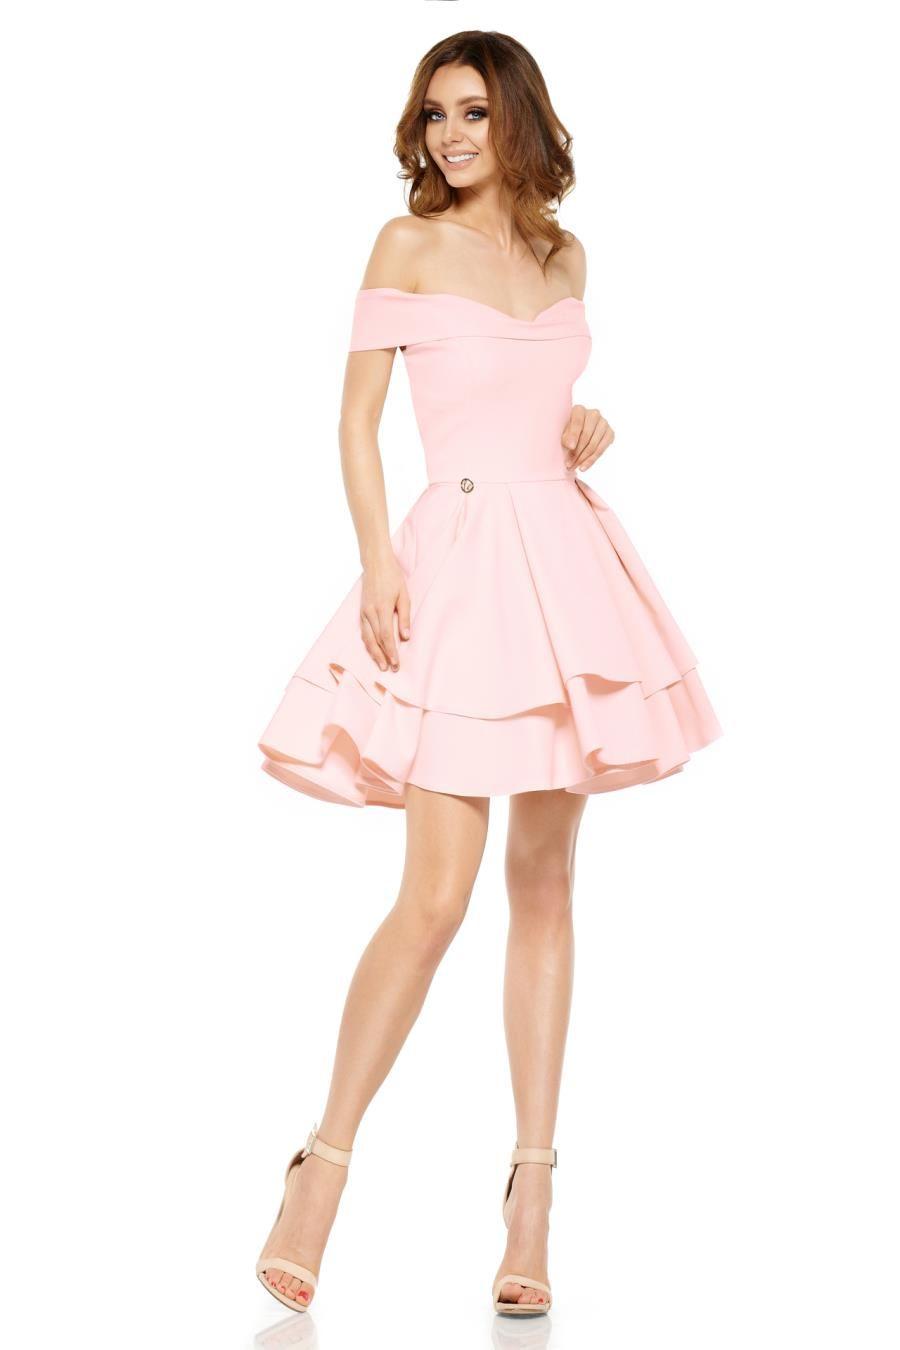 067b341c87 Mini Sukienka z Odkrytymi Ramionami Różowa LEL258